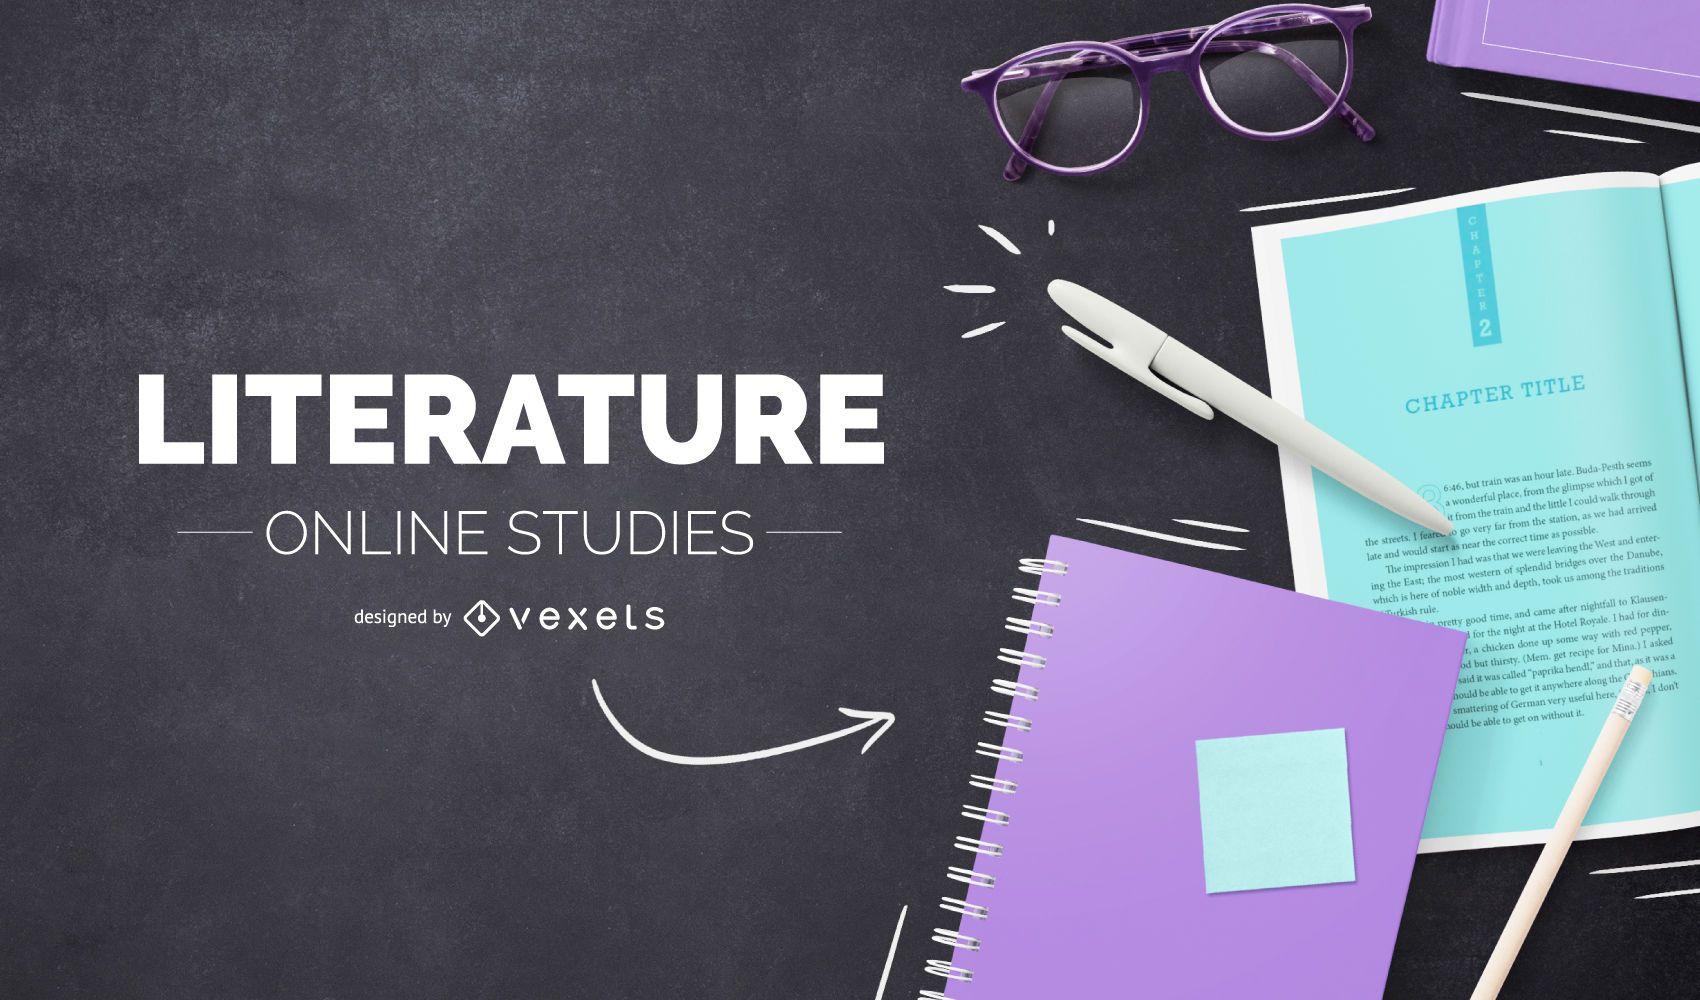 Literature online cover design